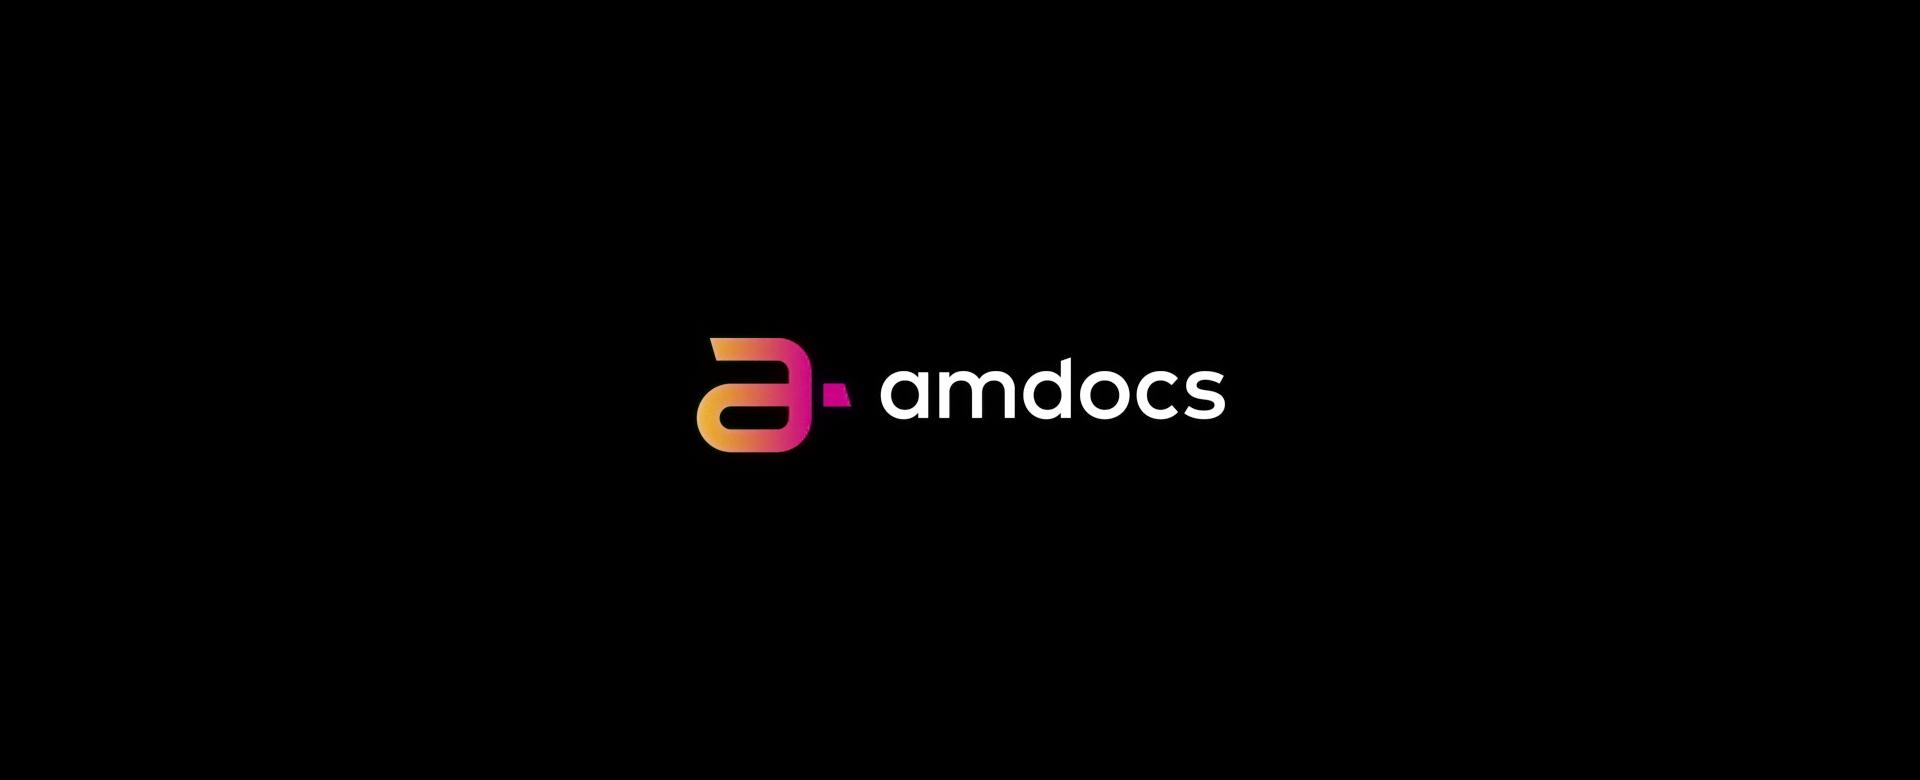 Amdocs_STILL_10.jpg